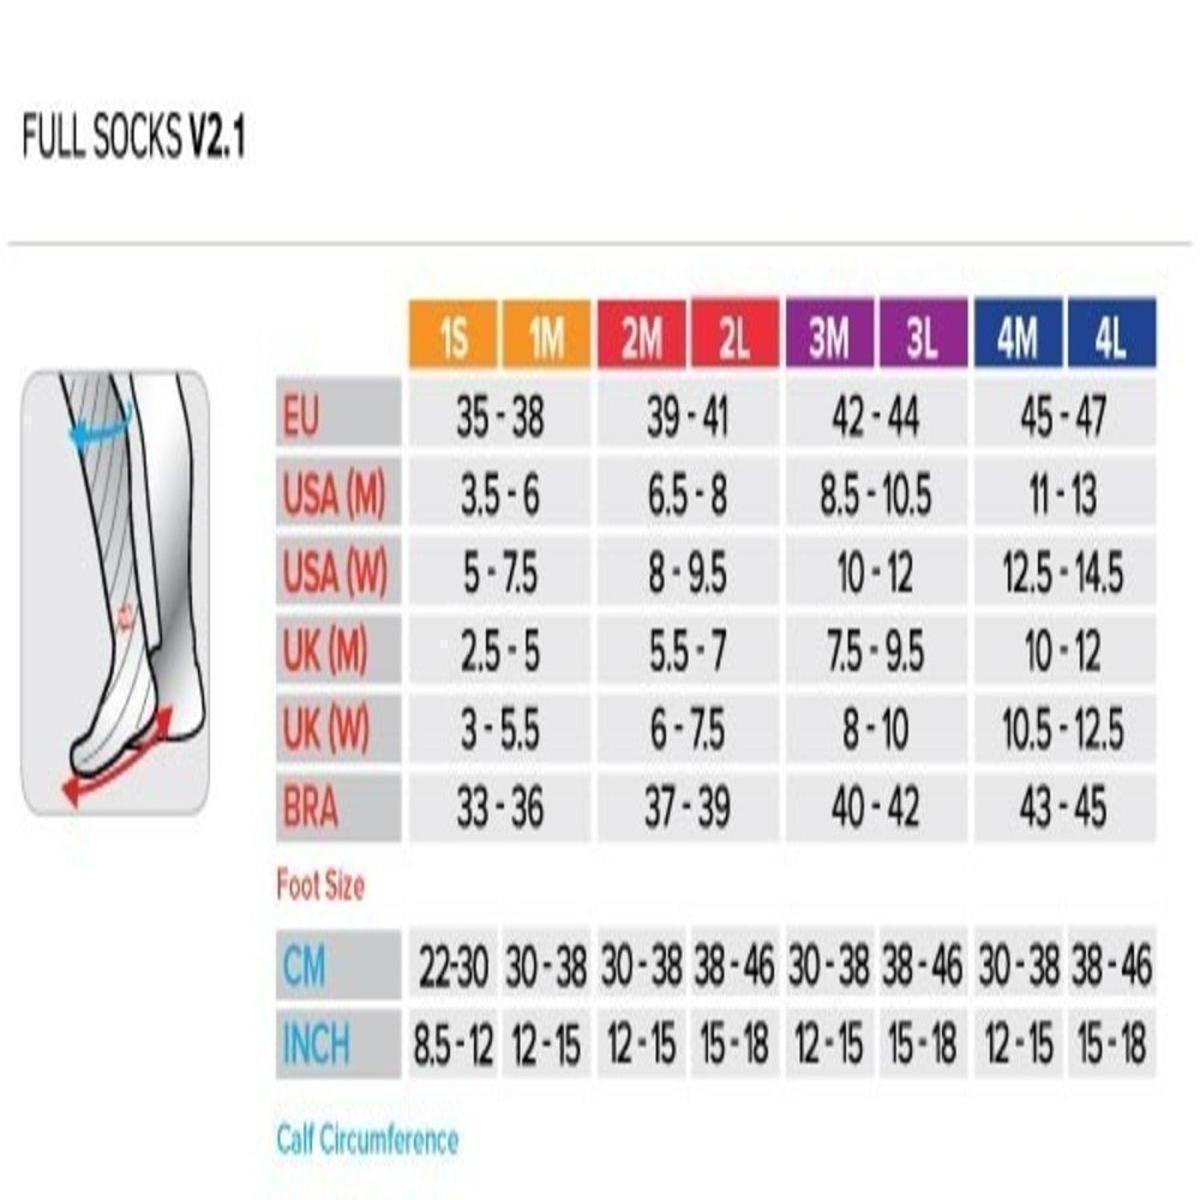 de Alto Cano Meia Rosa V2 Full Compressão 1 Compressport Socks CfIdwq